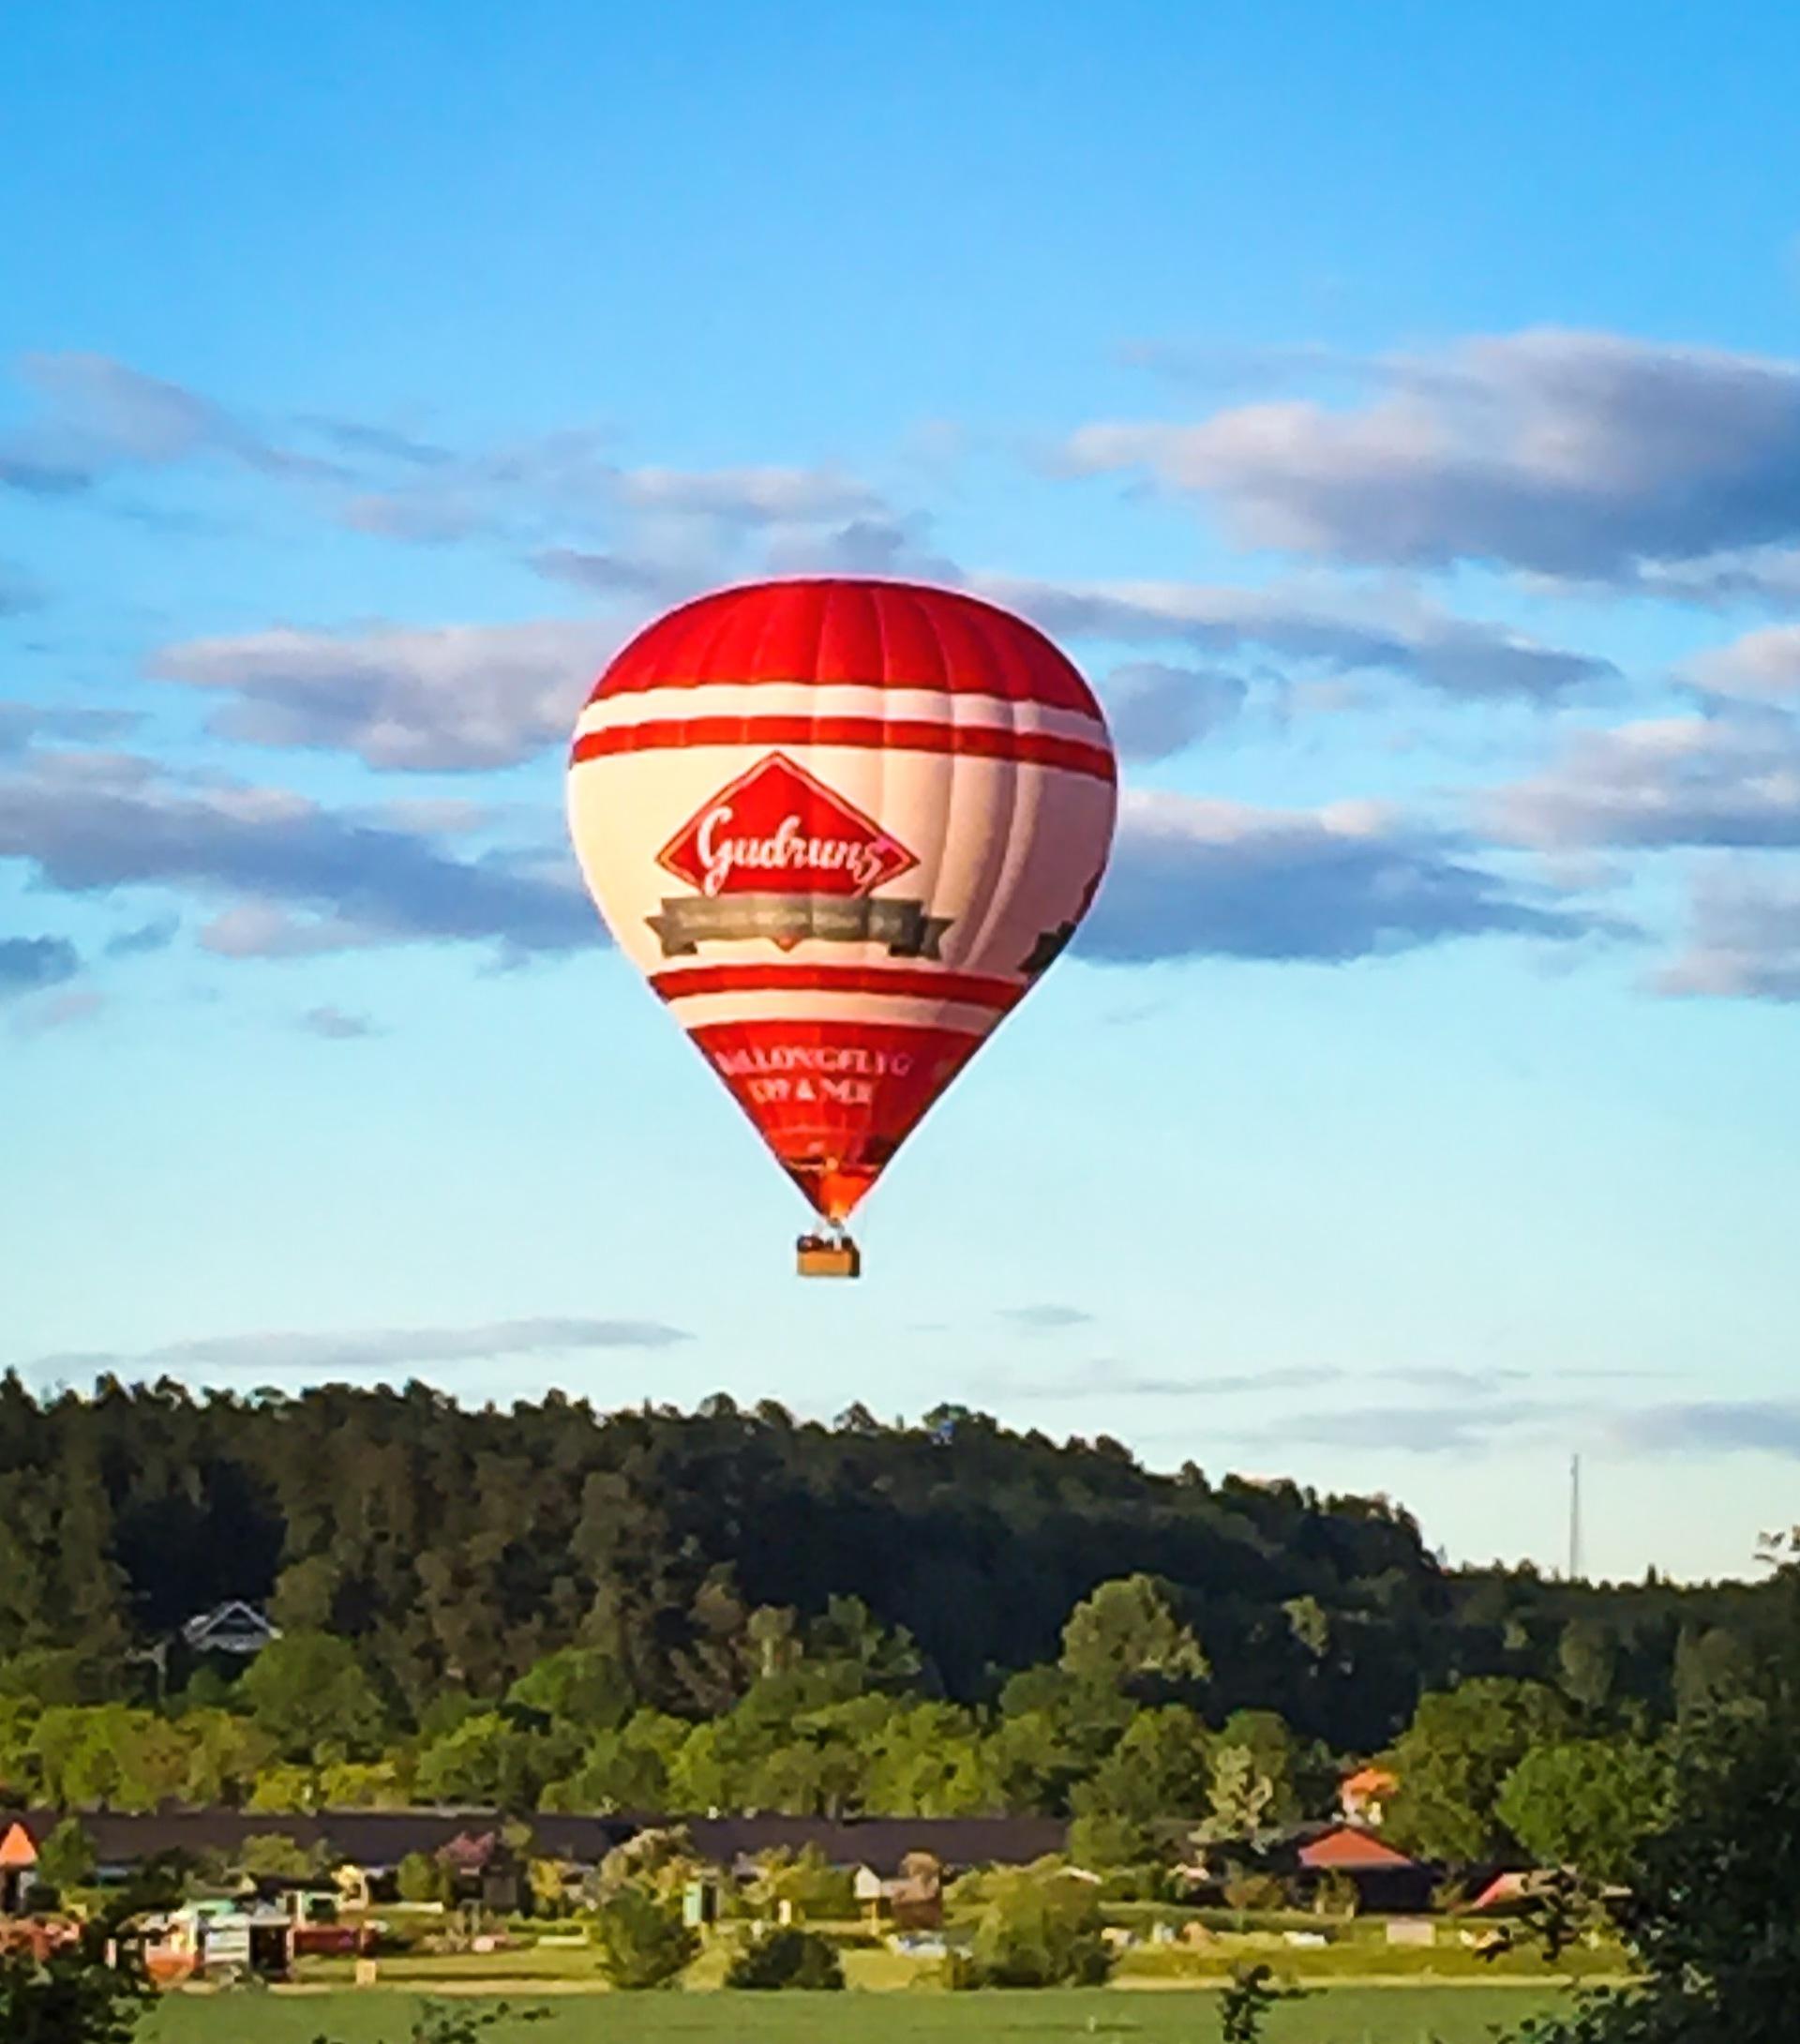 In air. Air balloon